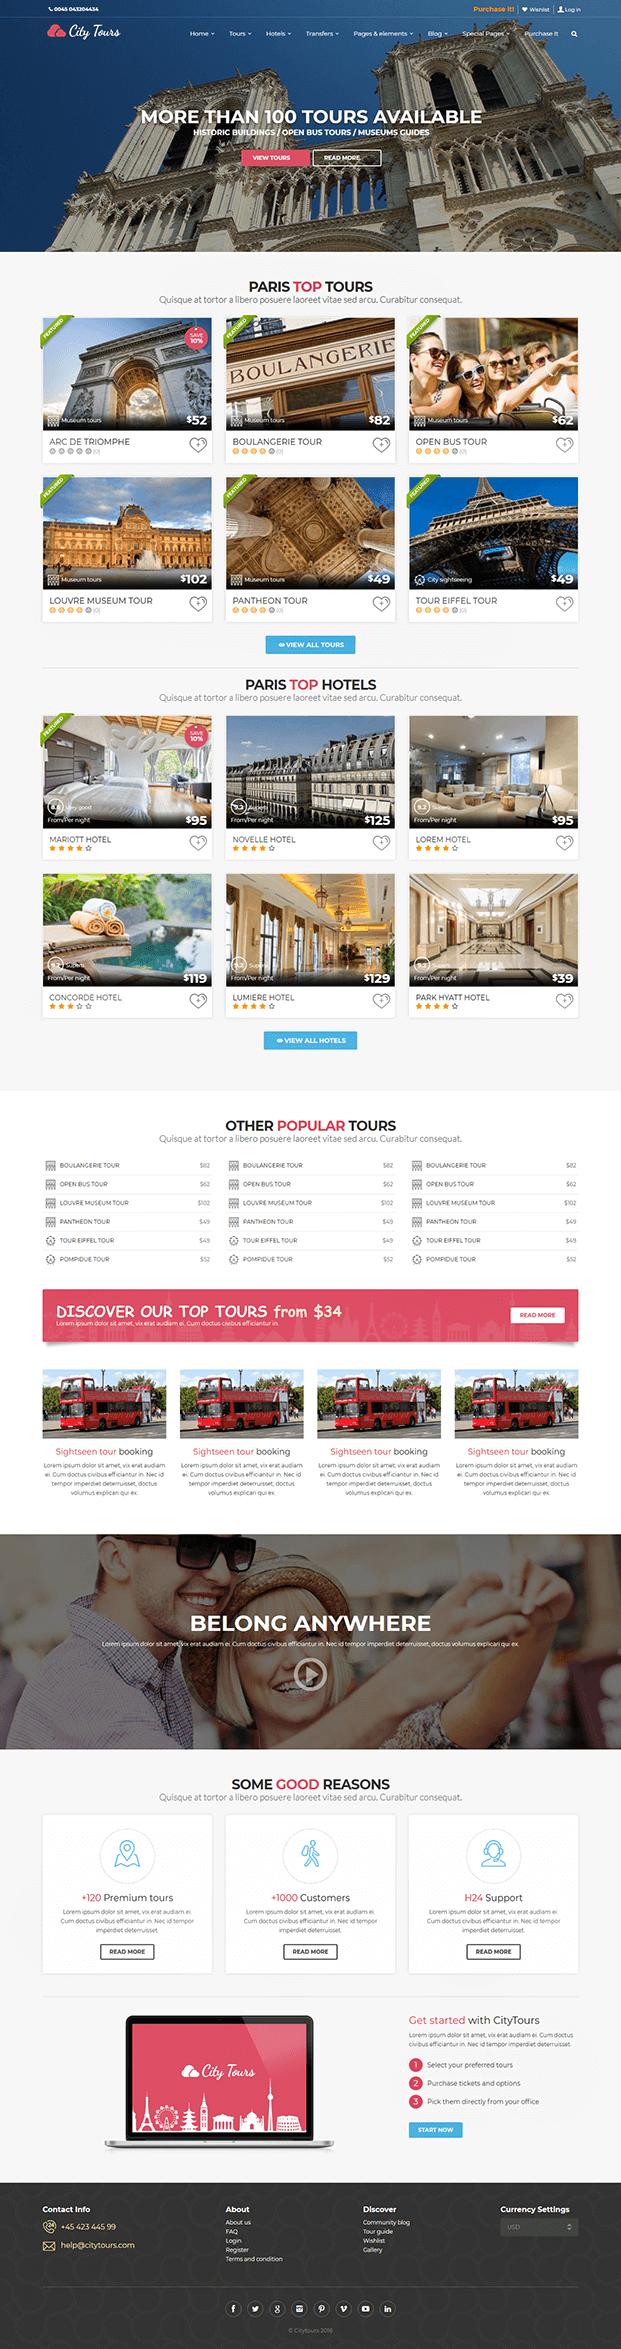 Home - Tour Booking WordPress Theme